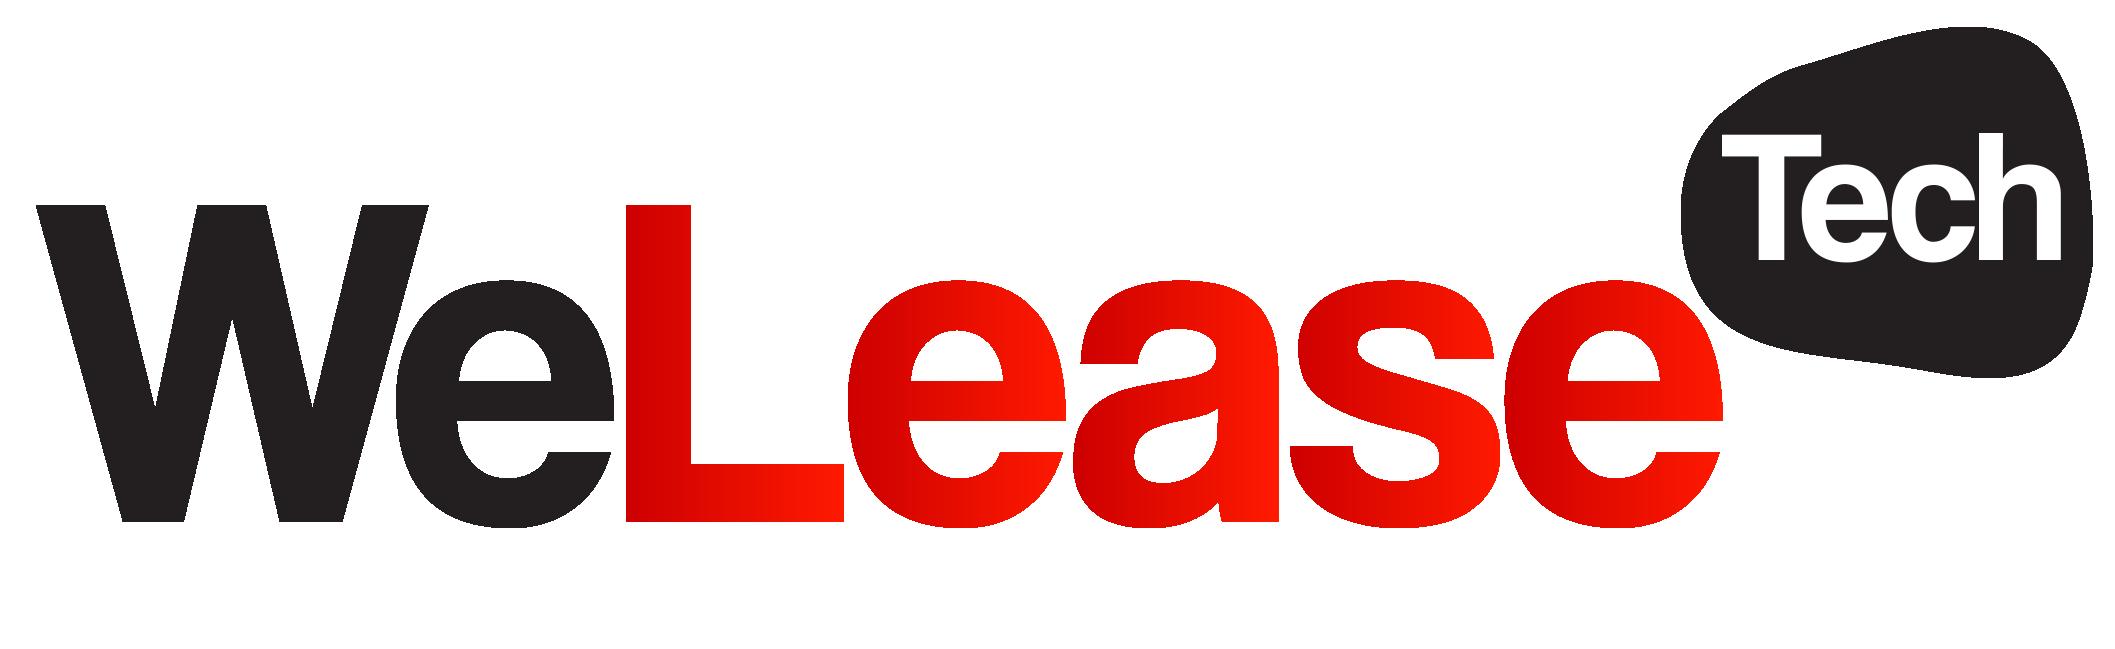 WeLeaseTech